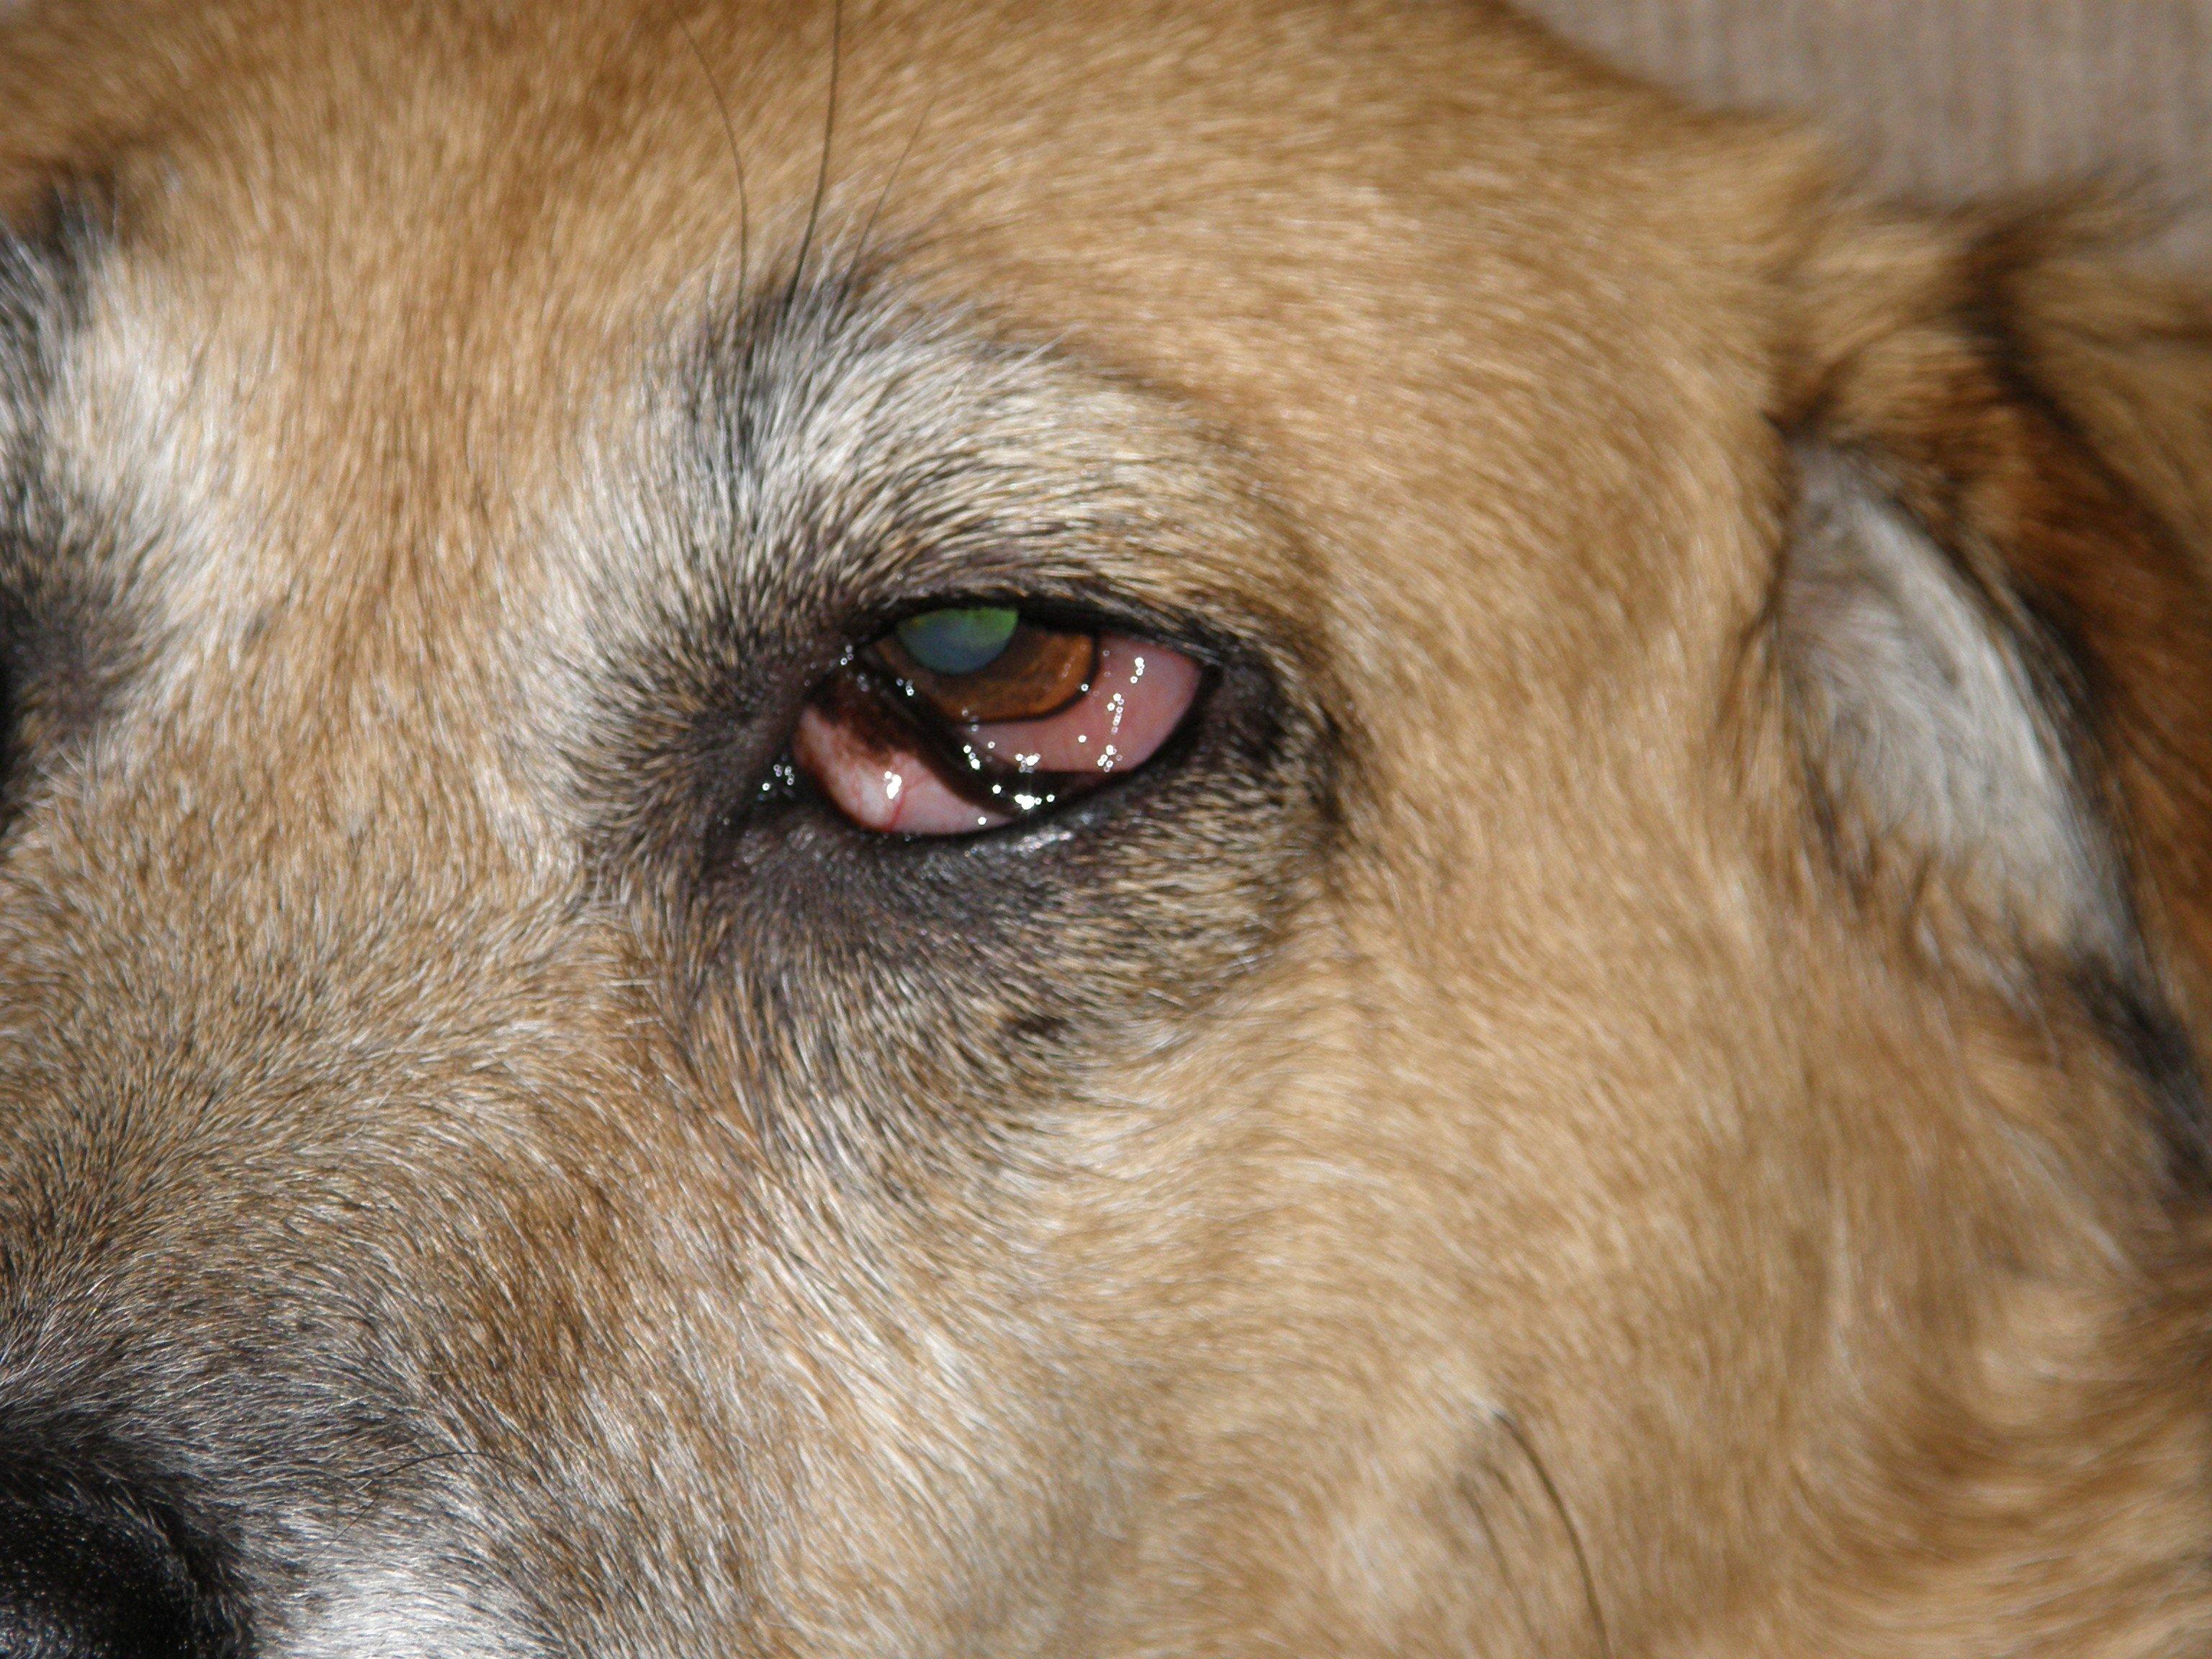 Dogs Right Eye Swollen